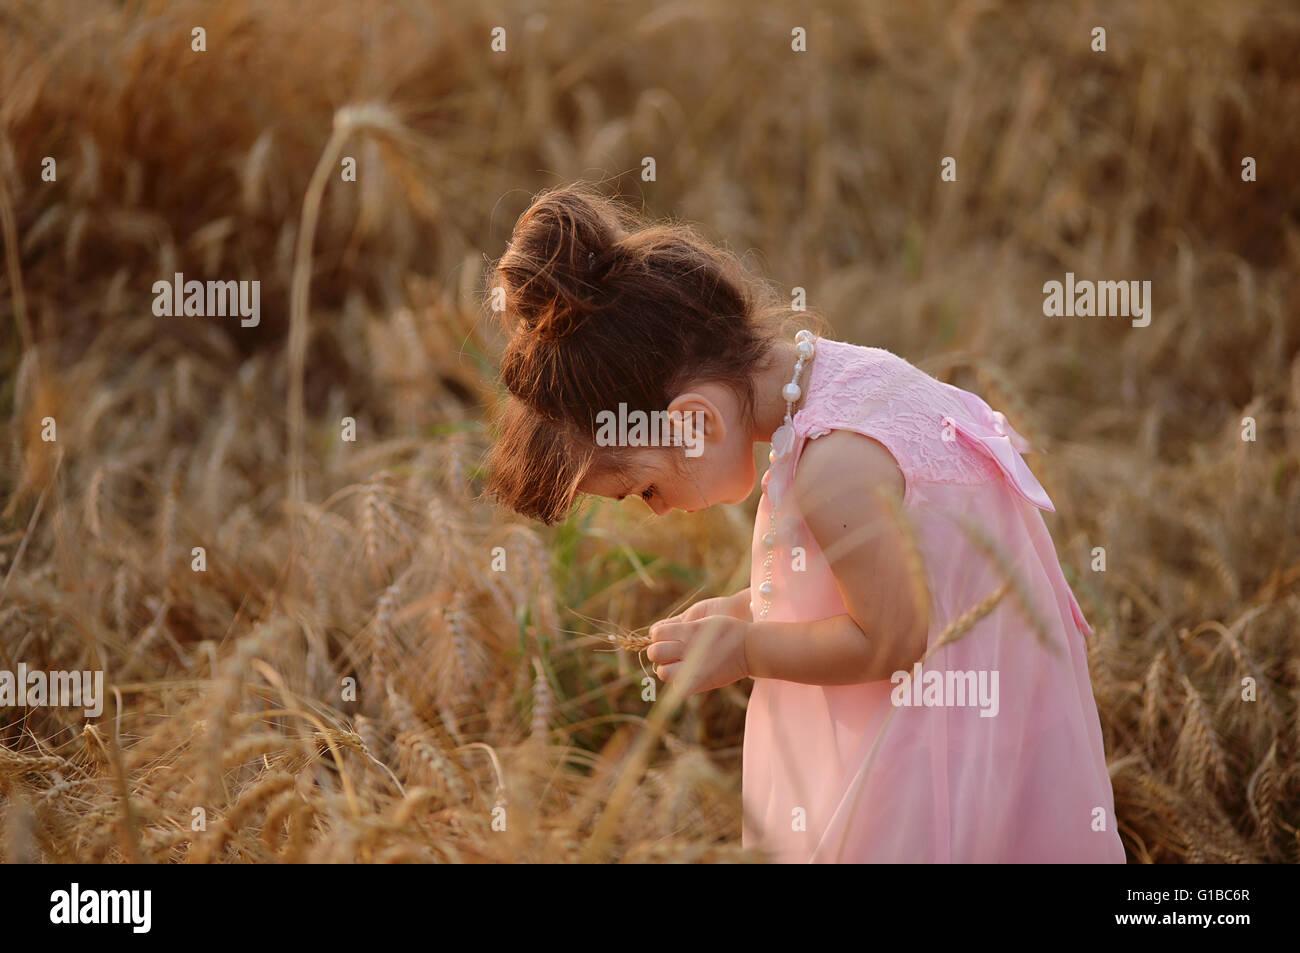 kleines Mädchen in einem rosa Kleid beugte sich über Weizen Ährchen. Stockbild